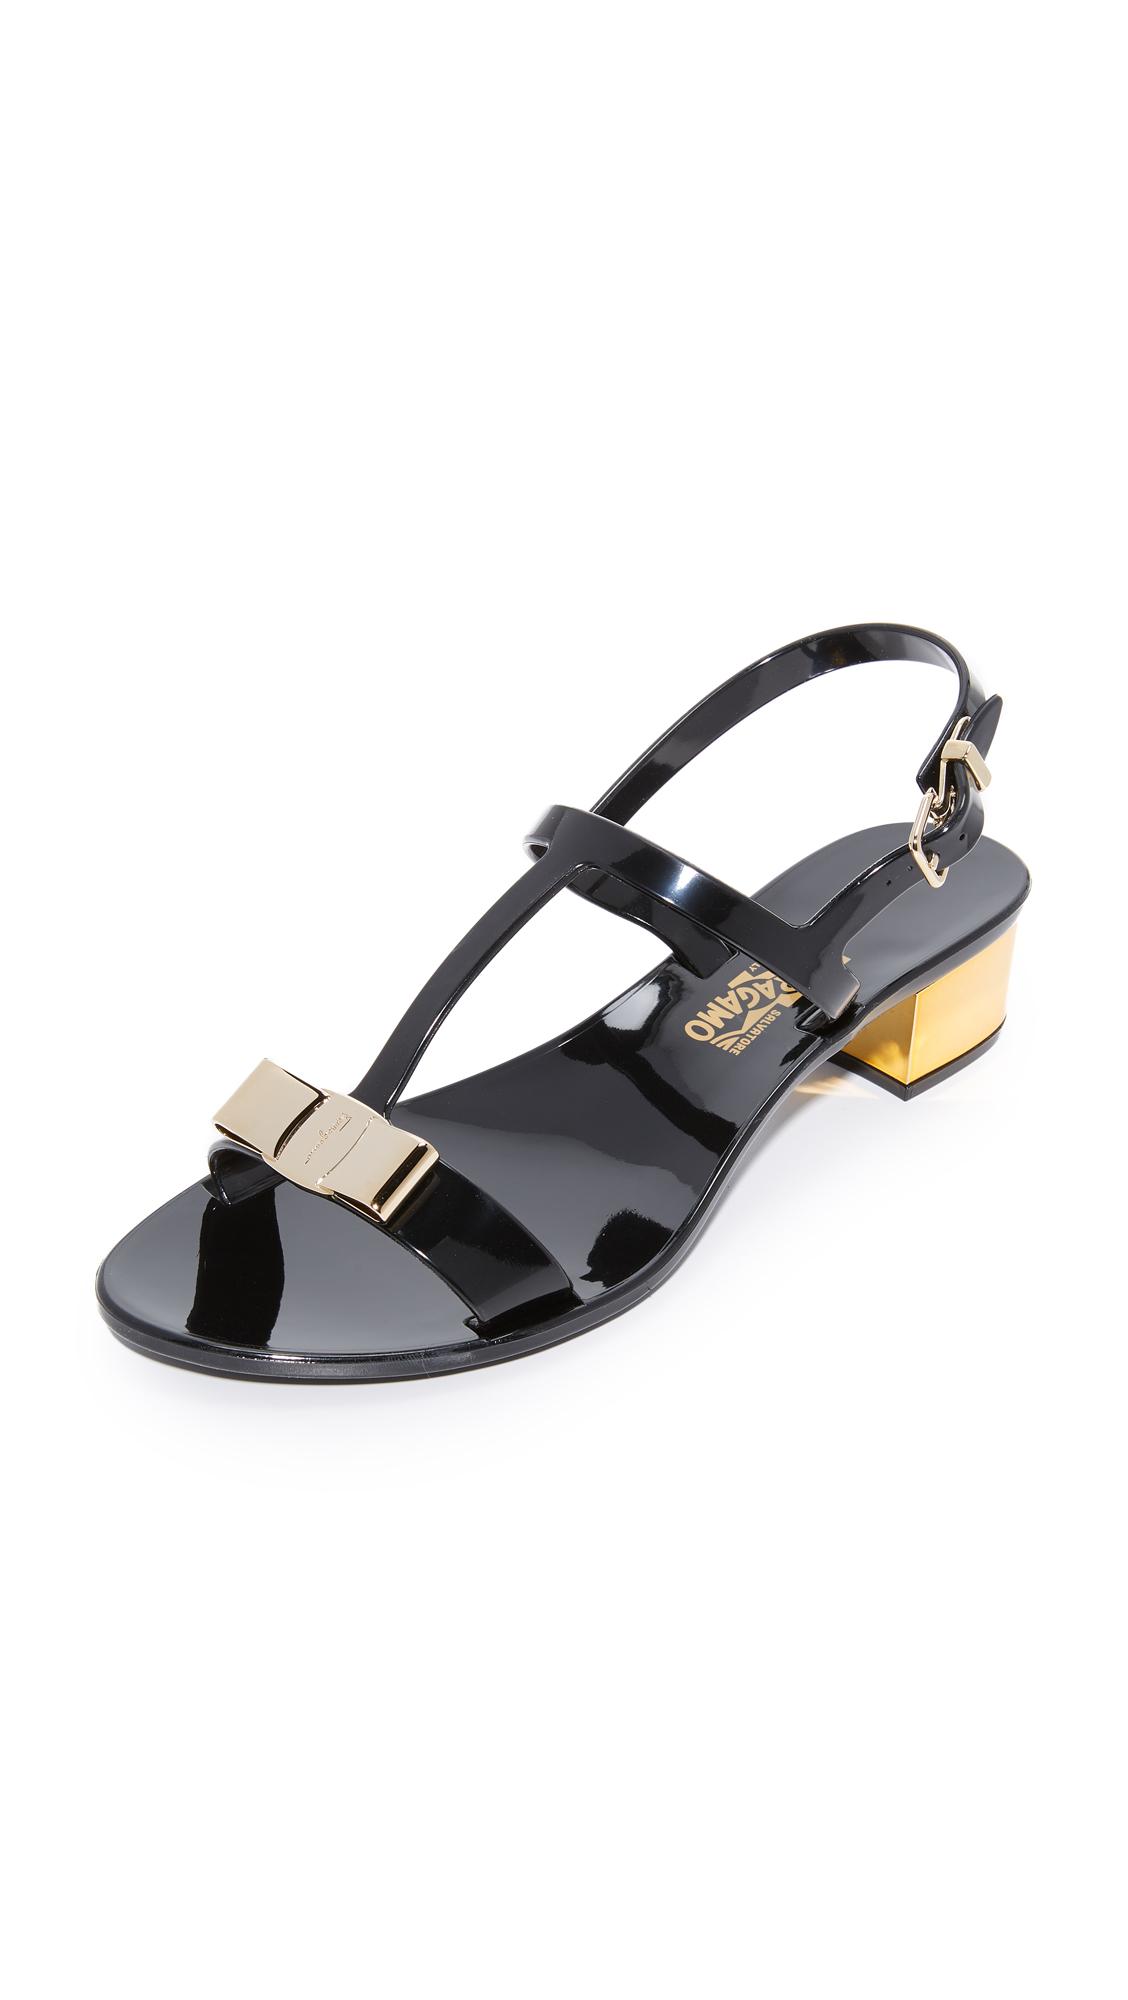 Salvatore Ferragamo Favilia Jelly City Sandals - Nero